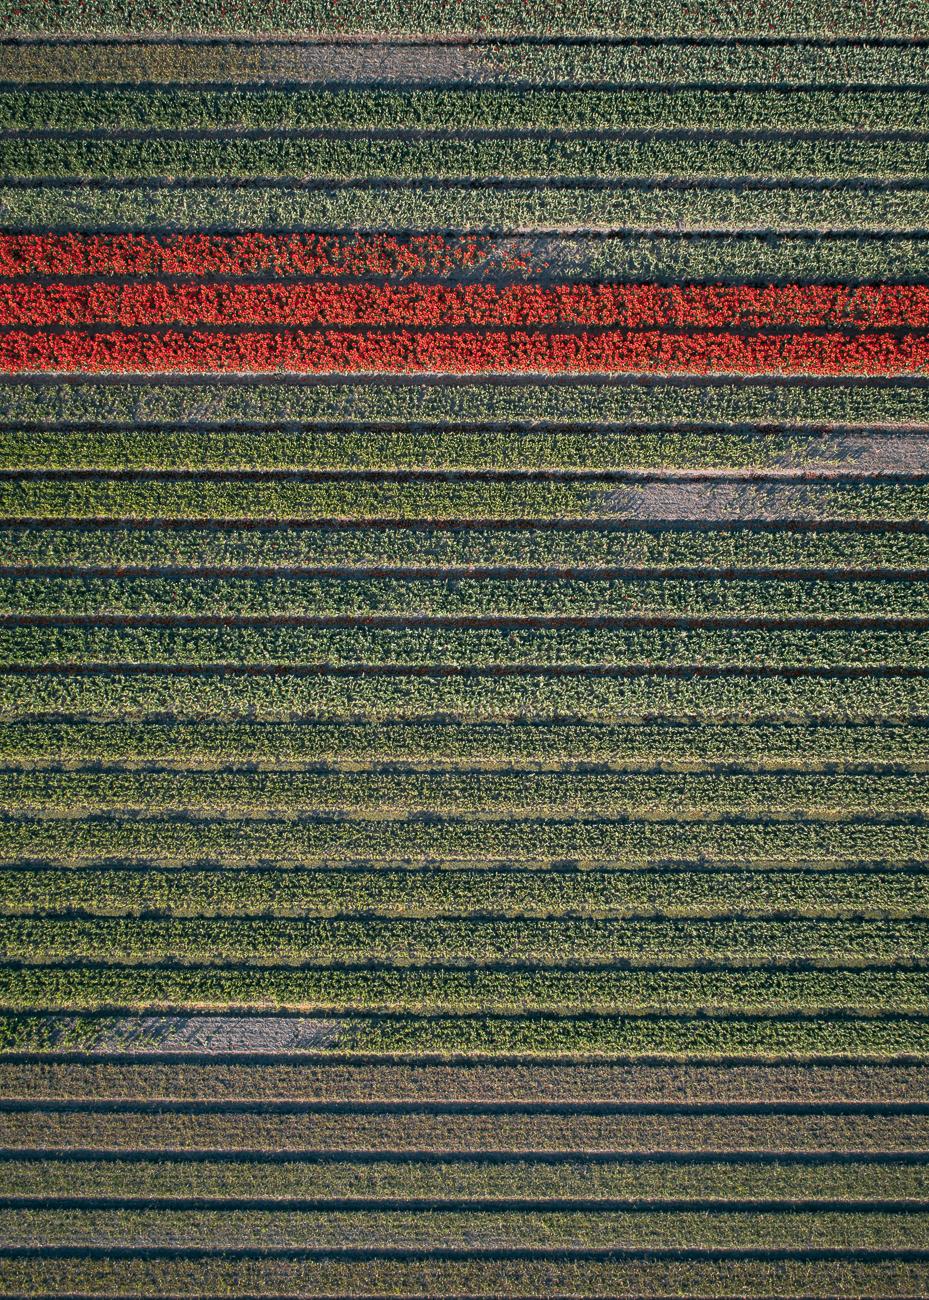 Tom_Hegen_The_Tulip-15.jpg